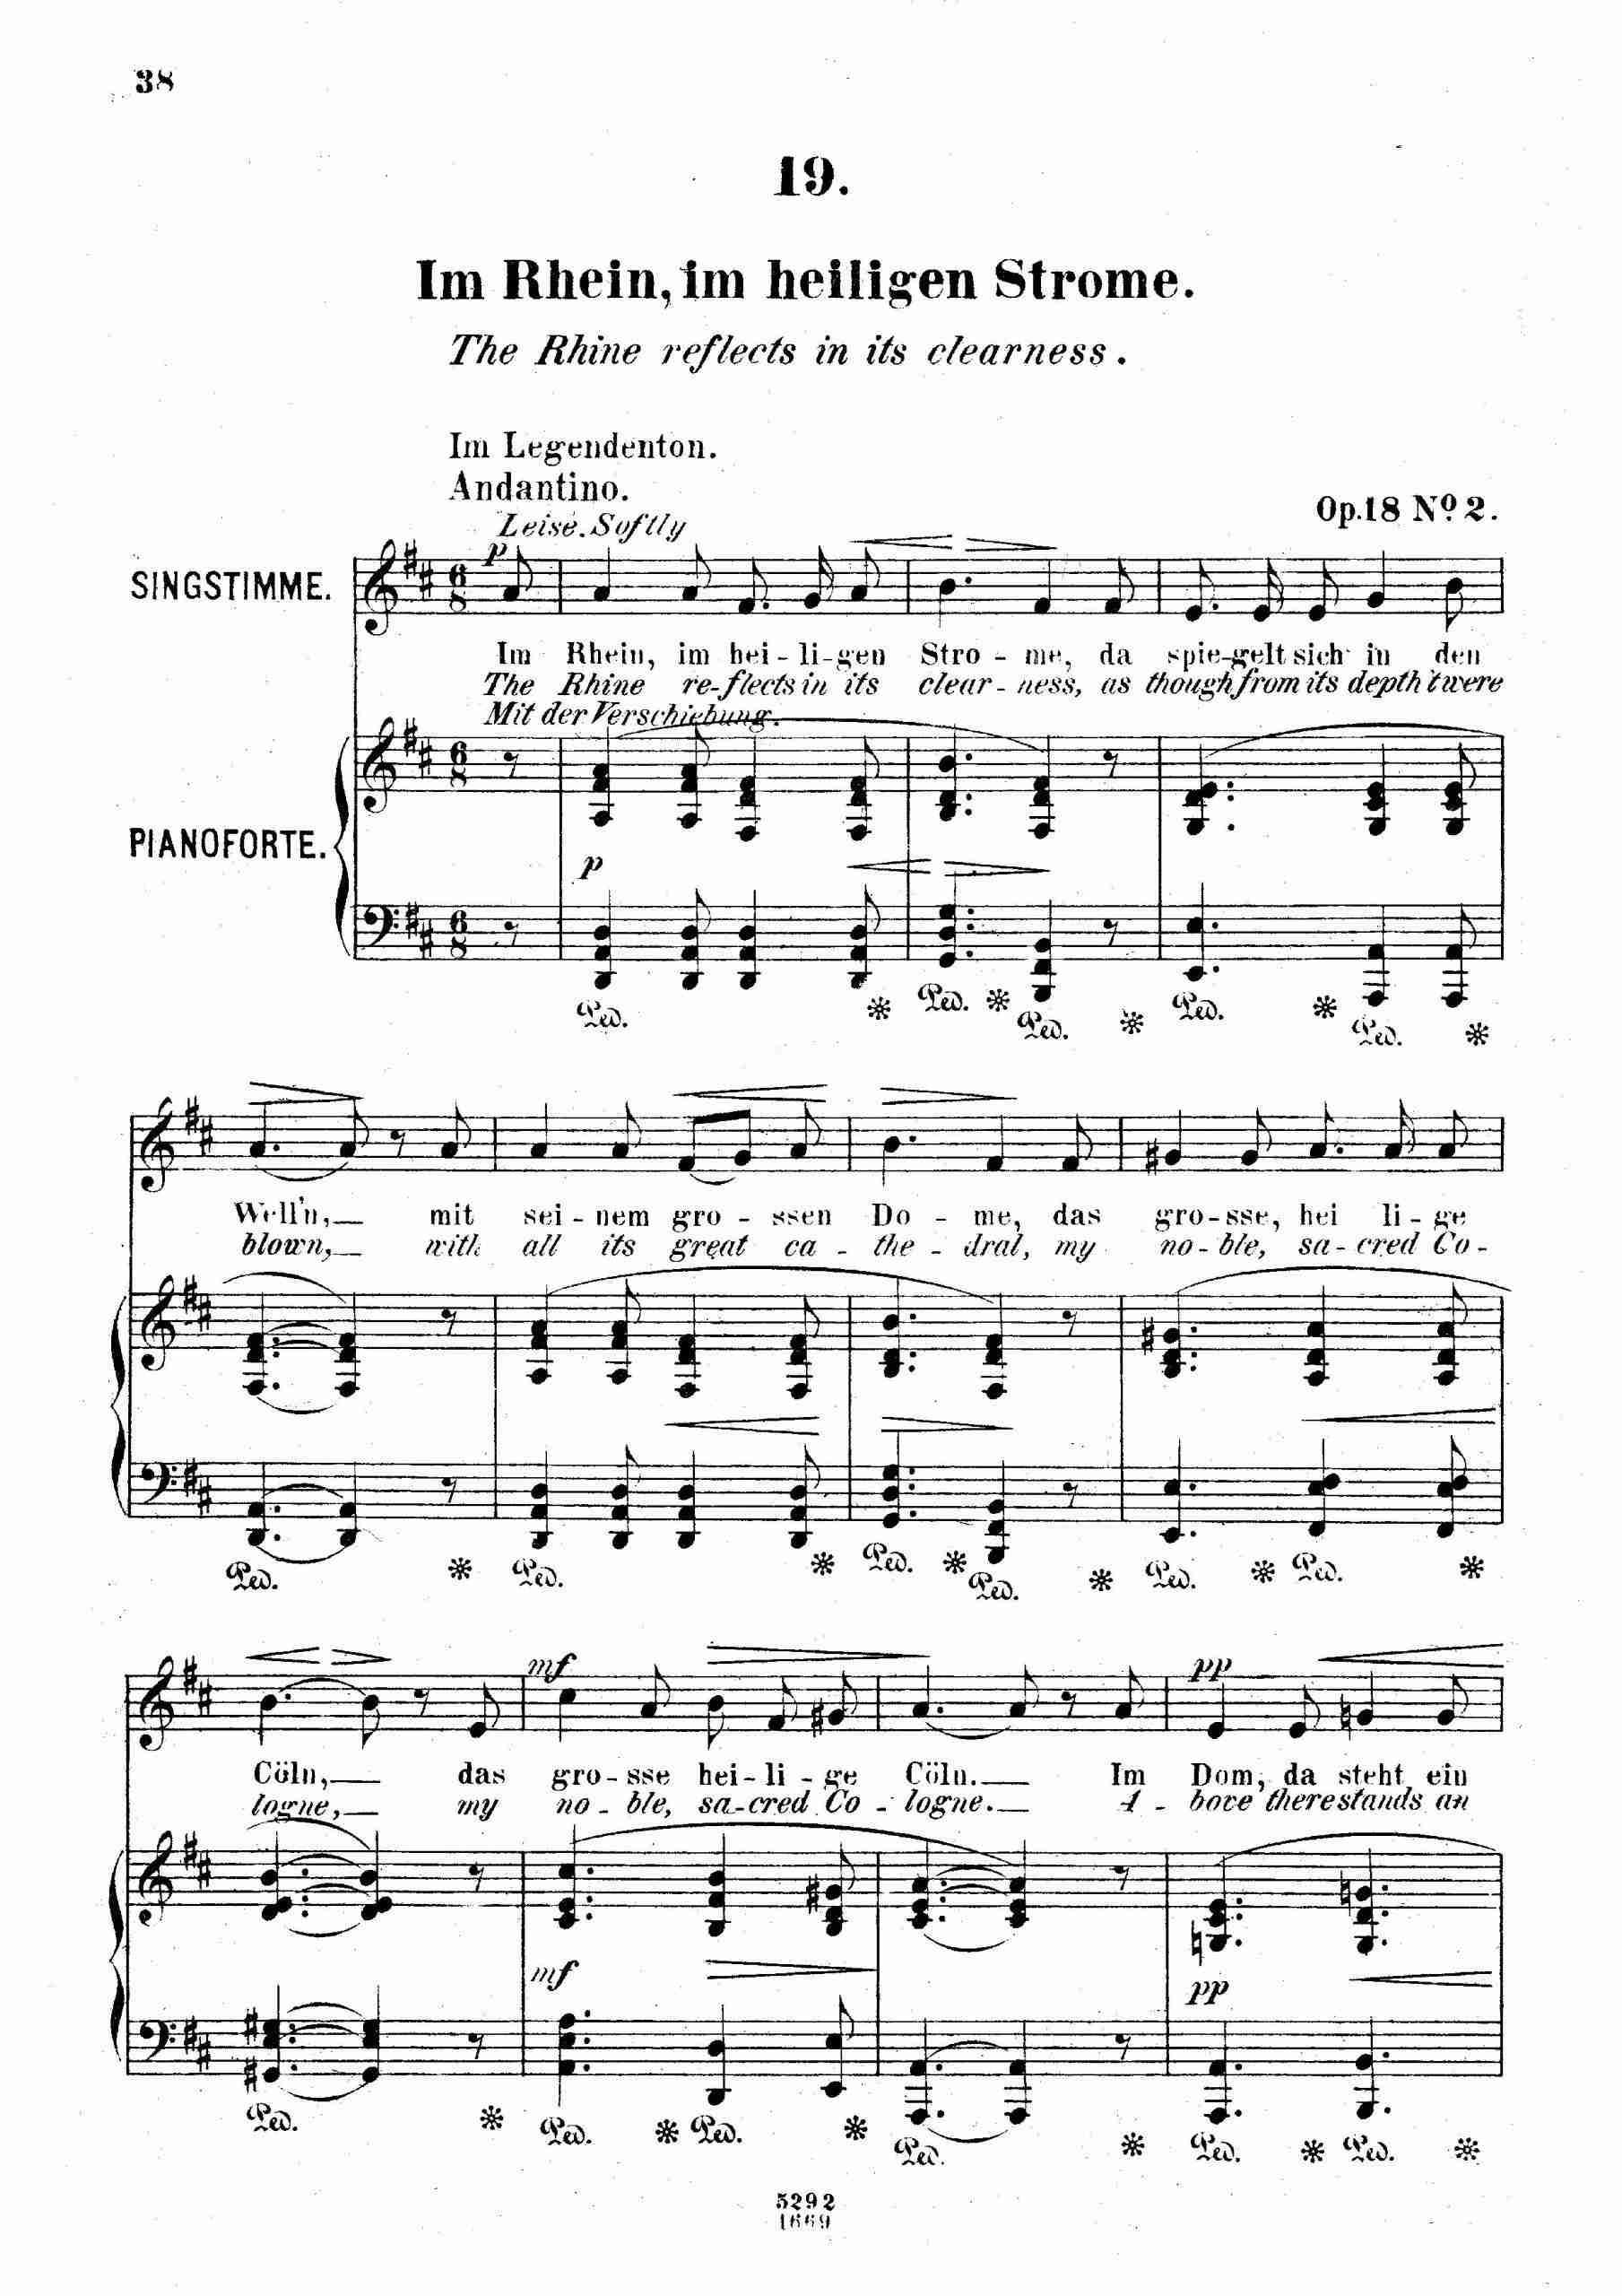 Franz, Robert - 6 Gesänge, Op.18 (no.2)